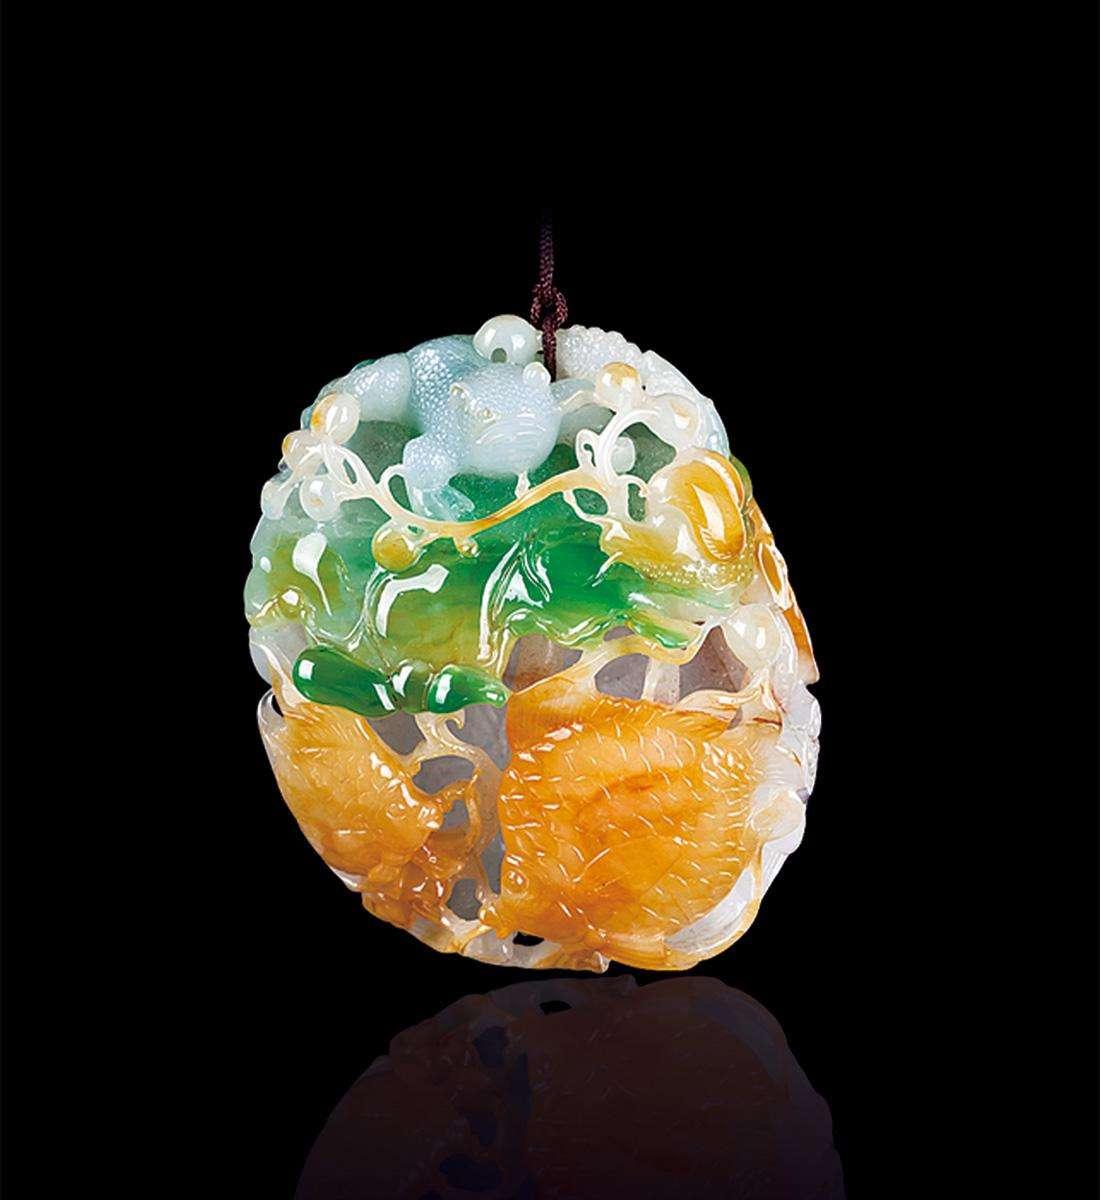 老坑玻璃种竟然卖白菜价:差的雕刻工艺让好翡翠一文不值